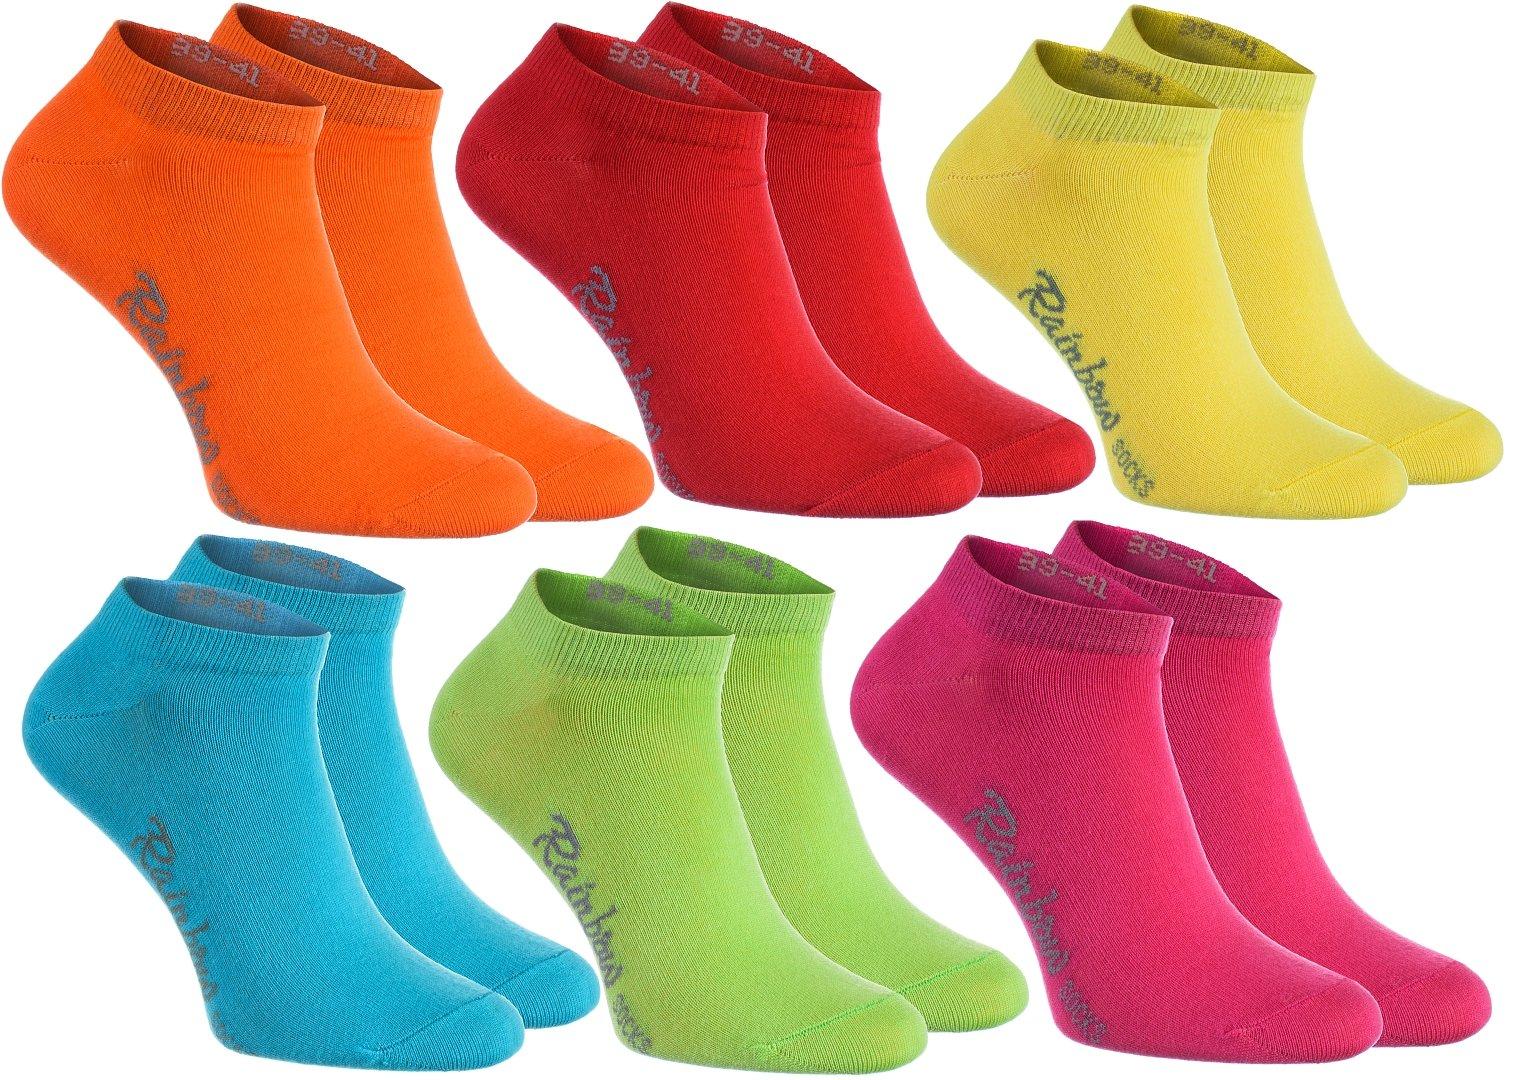 Rainbow Socks 6, 9 o 12 pares de calcetines cortos en 12 colores de moda